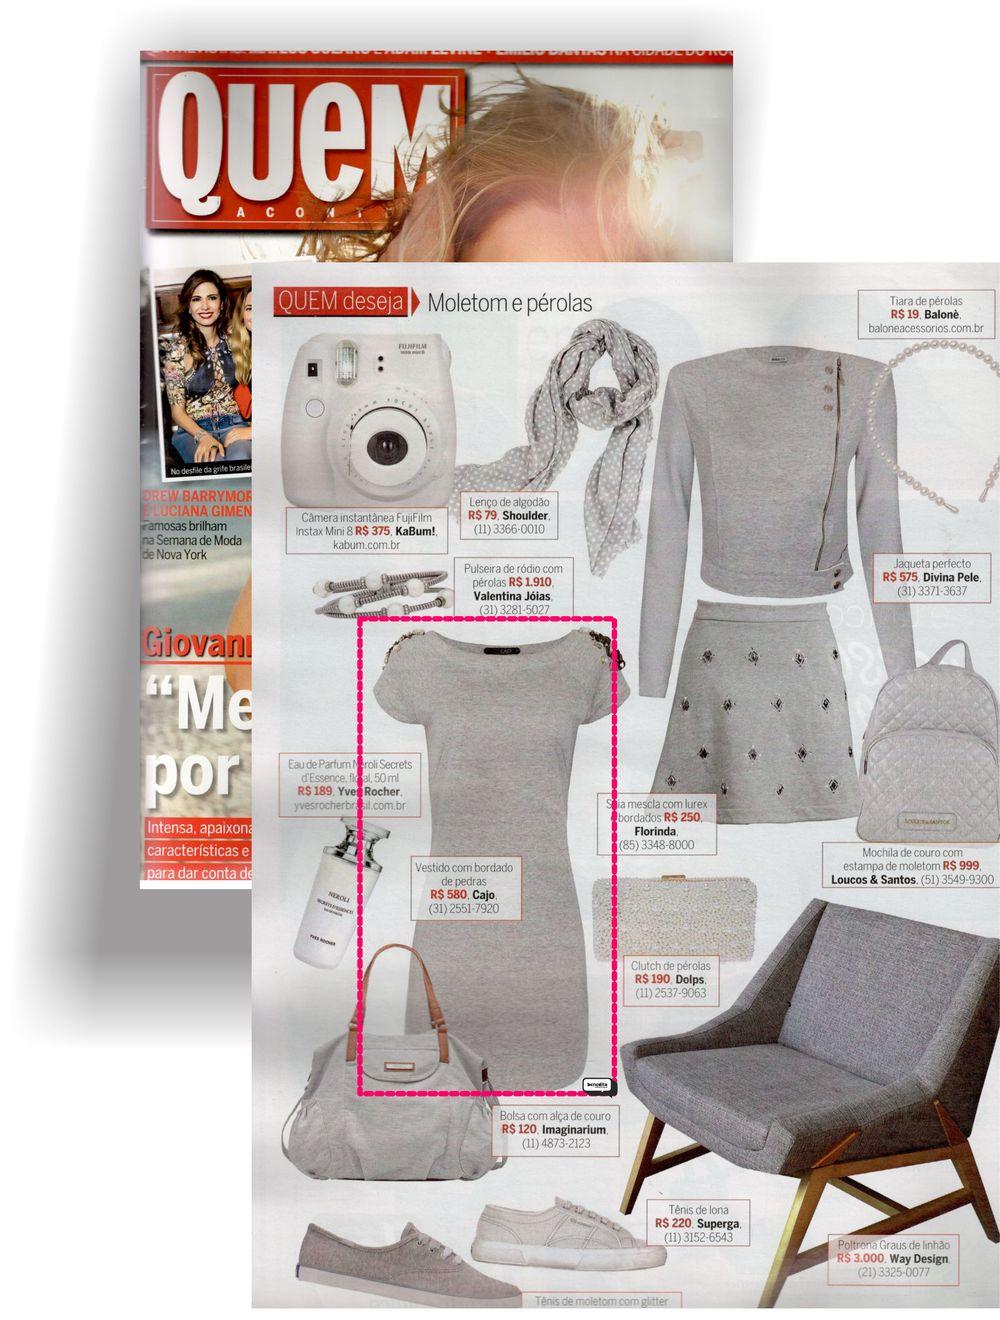 Cajo - Revista Quem - 18-09-2015.jpg